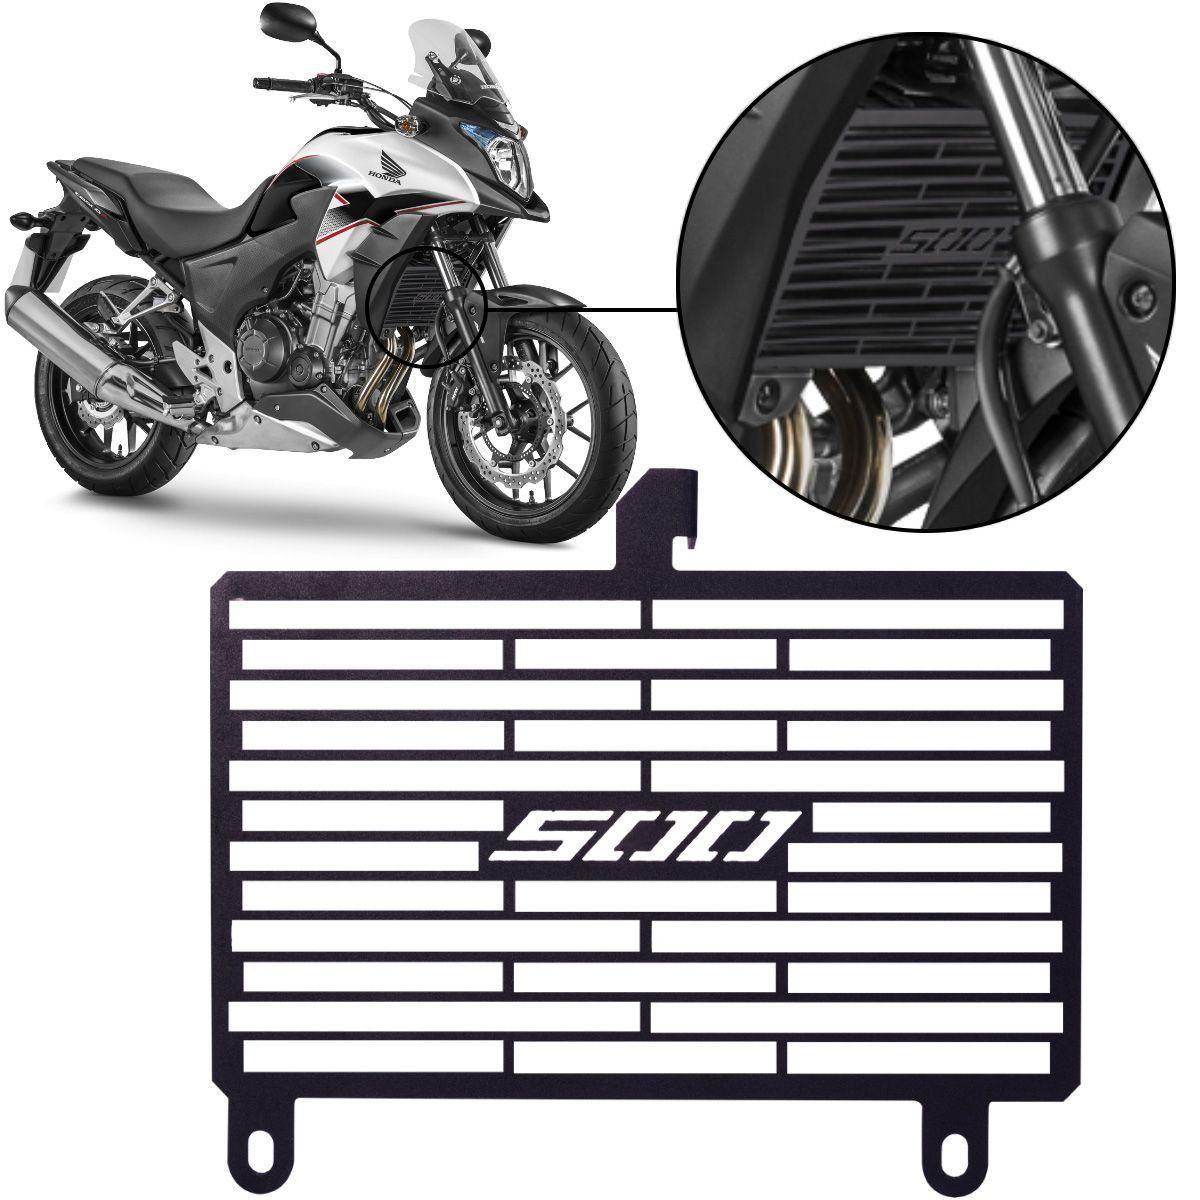 Protetor de Radiador Aço Carbono Honda CBR500 R CBR500R 2013 2014 2015